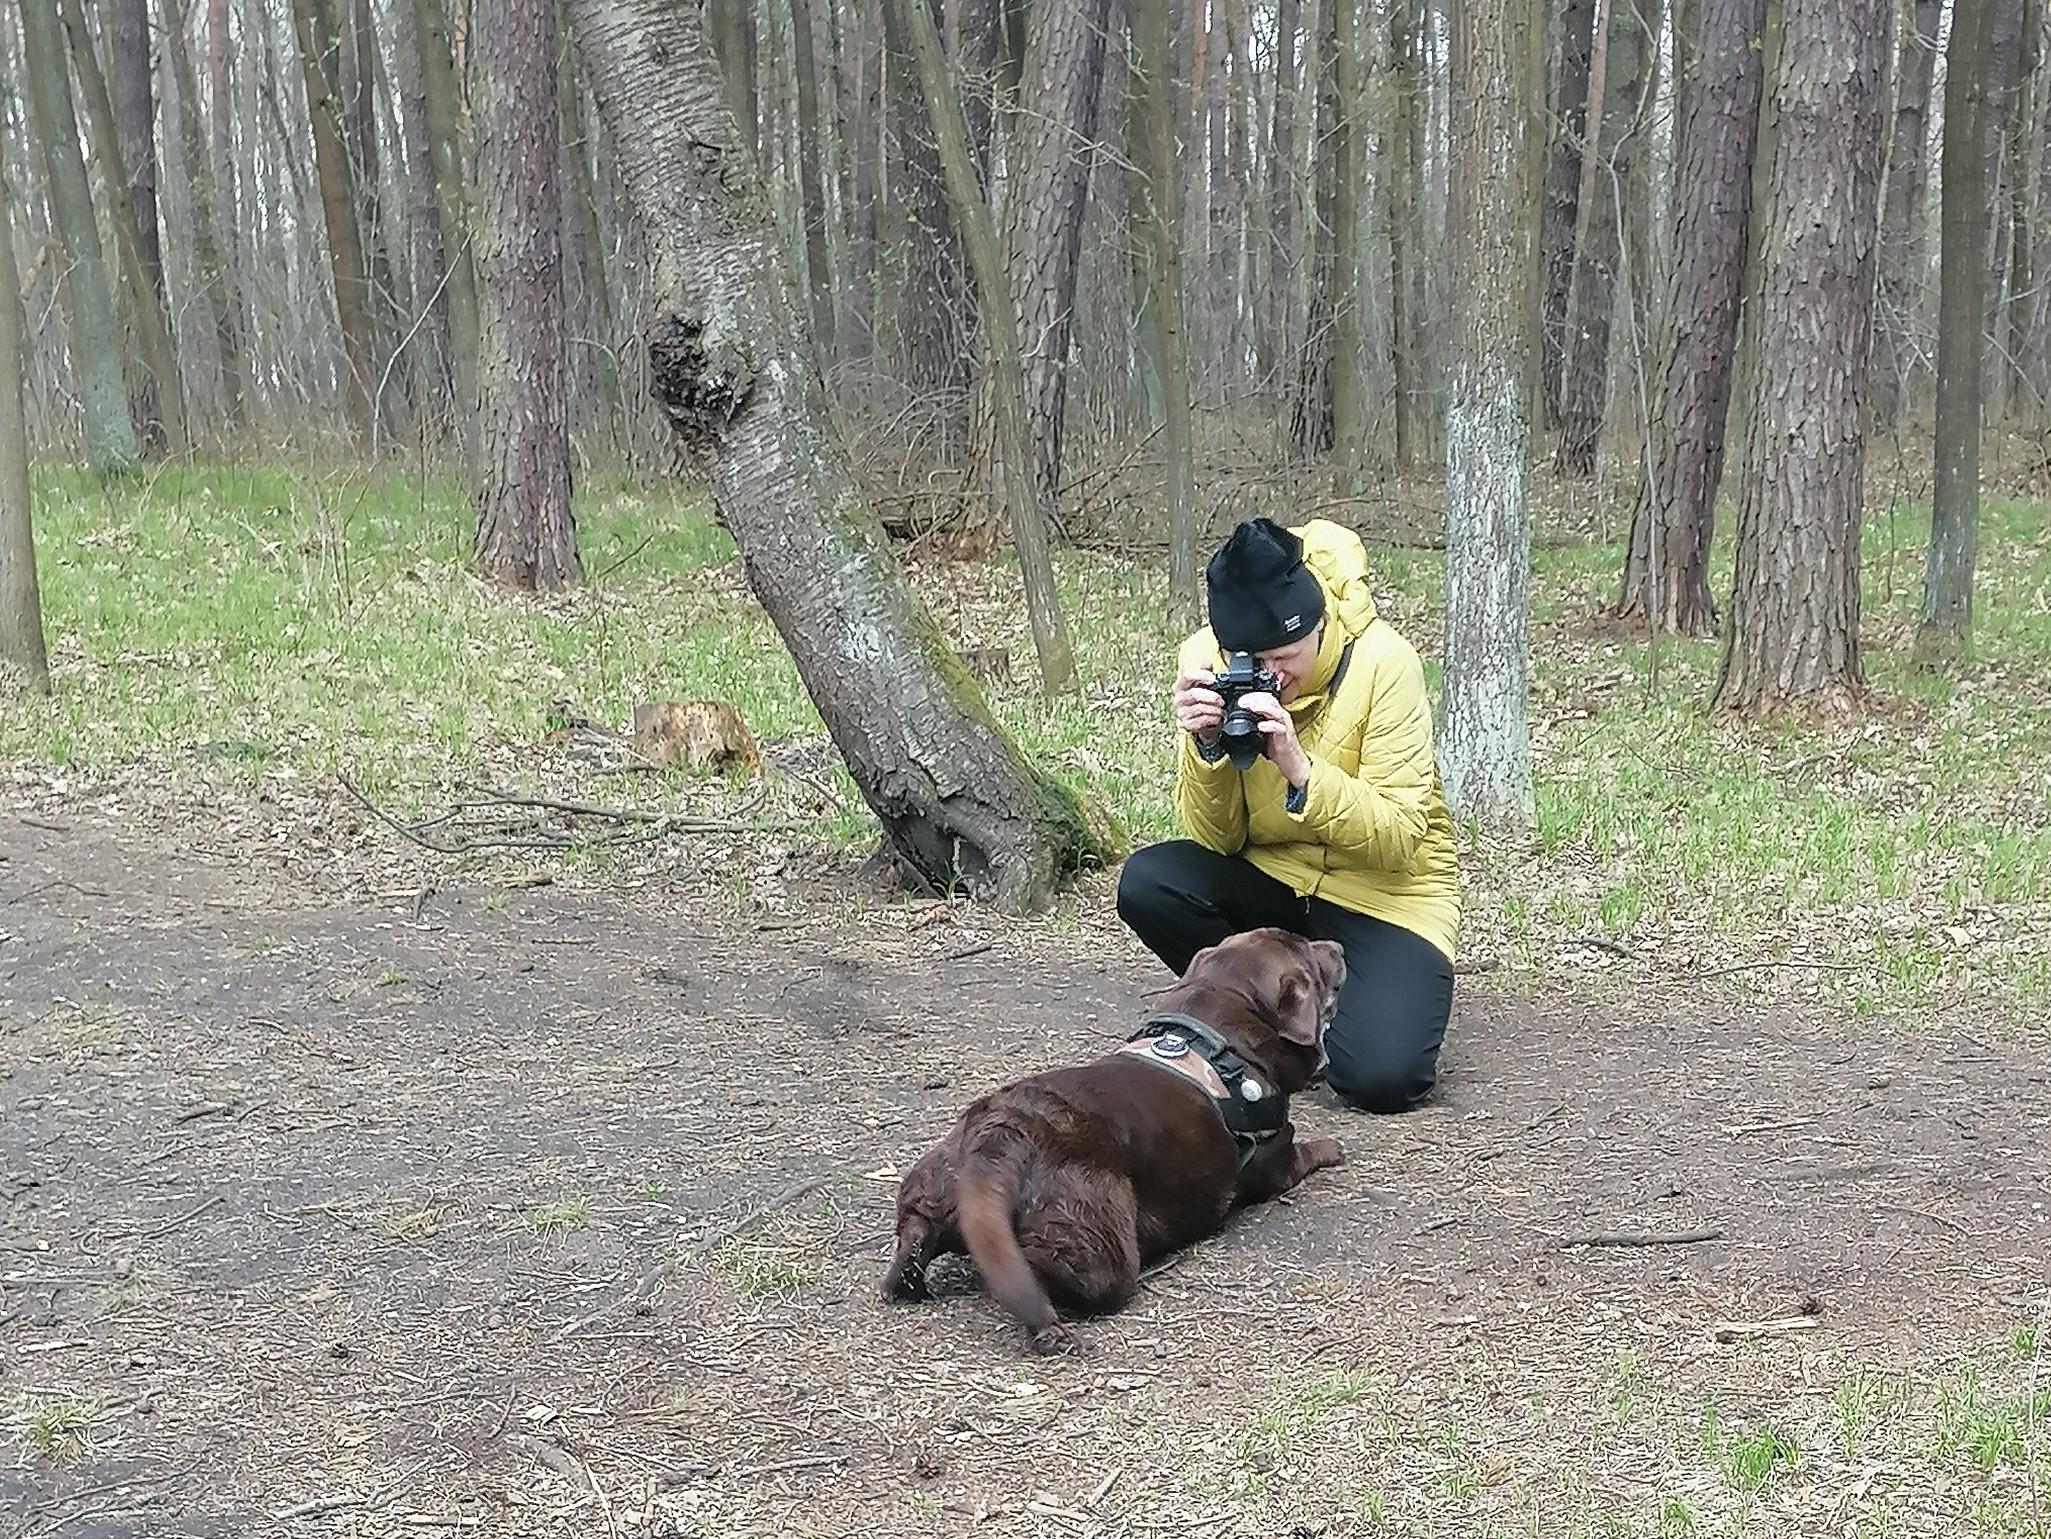 Plenerowe warsztaty fotograficzne Klub Seniora Platyna- i - zdjęcie pokazuje las i uczestników fotografujących psa na leśnej polanie